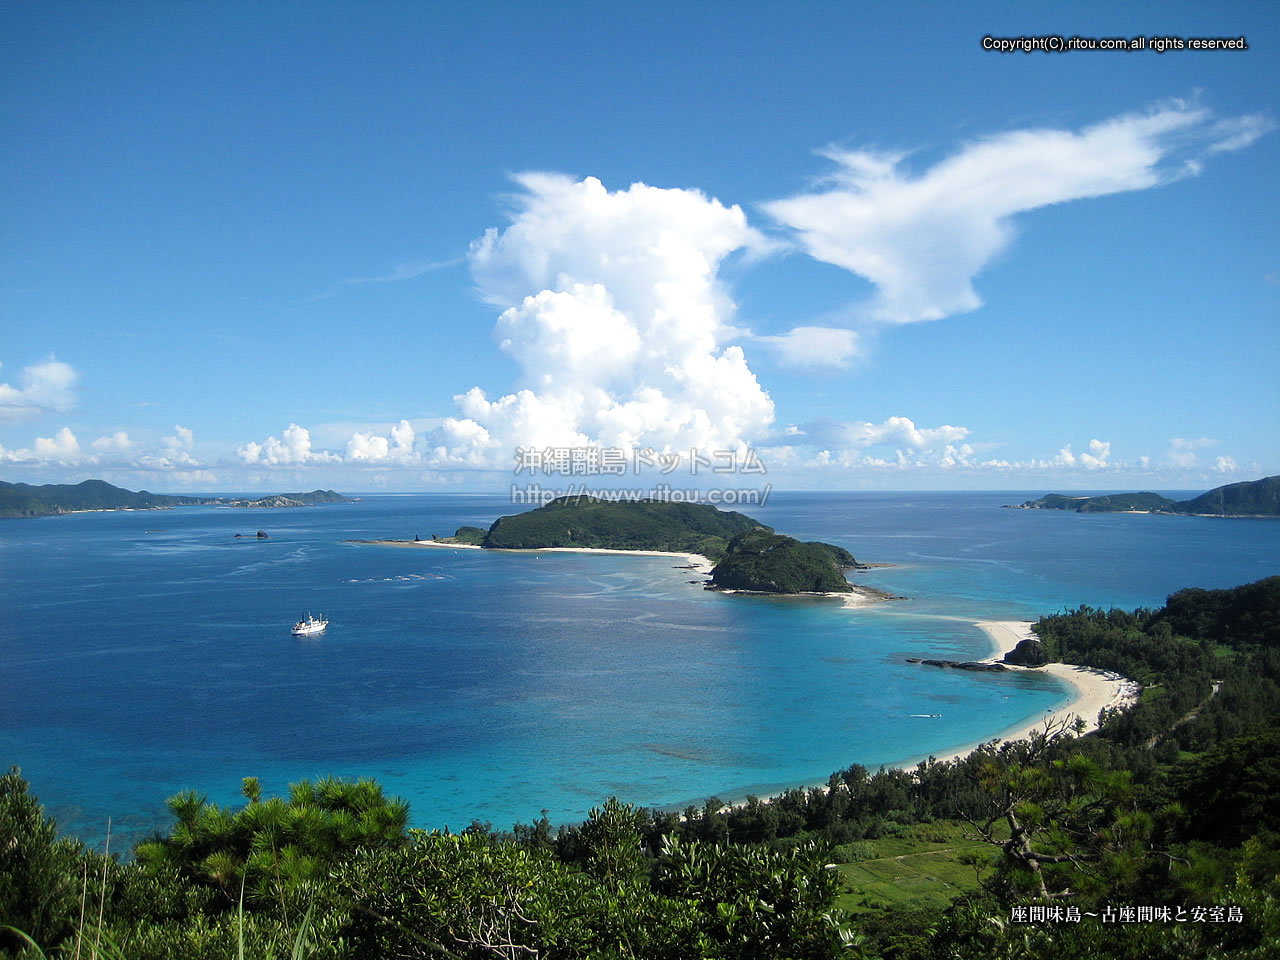 座間味島〜古座間味と安室島